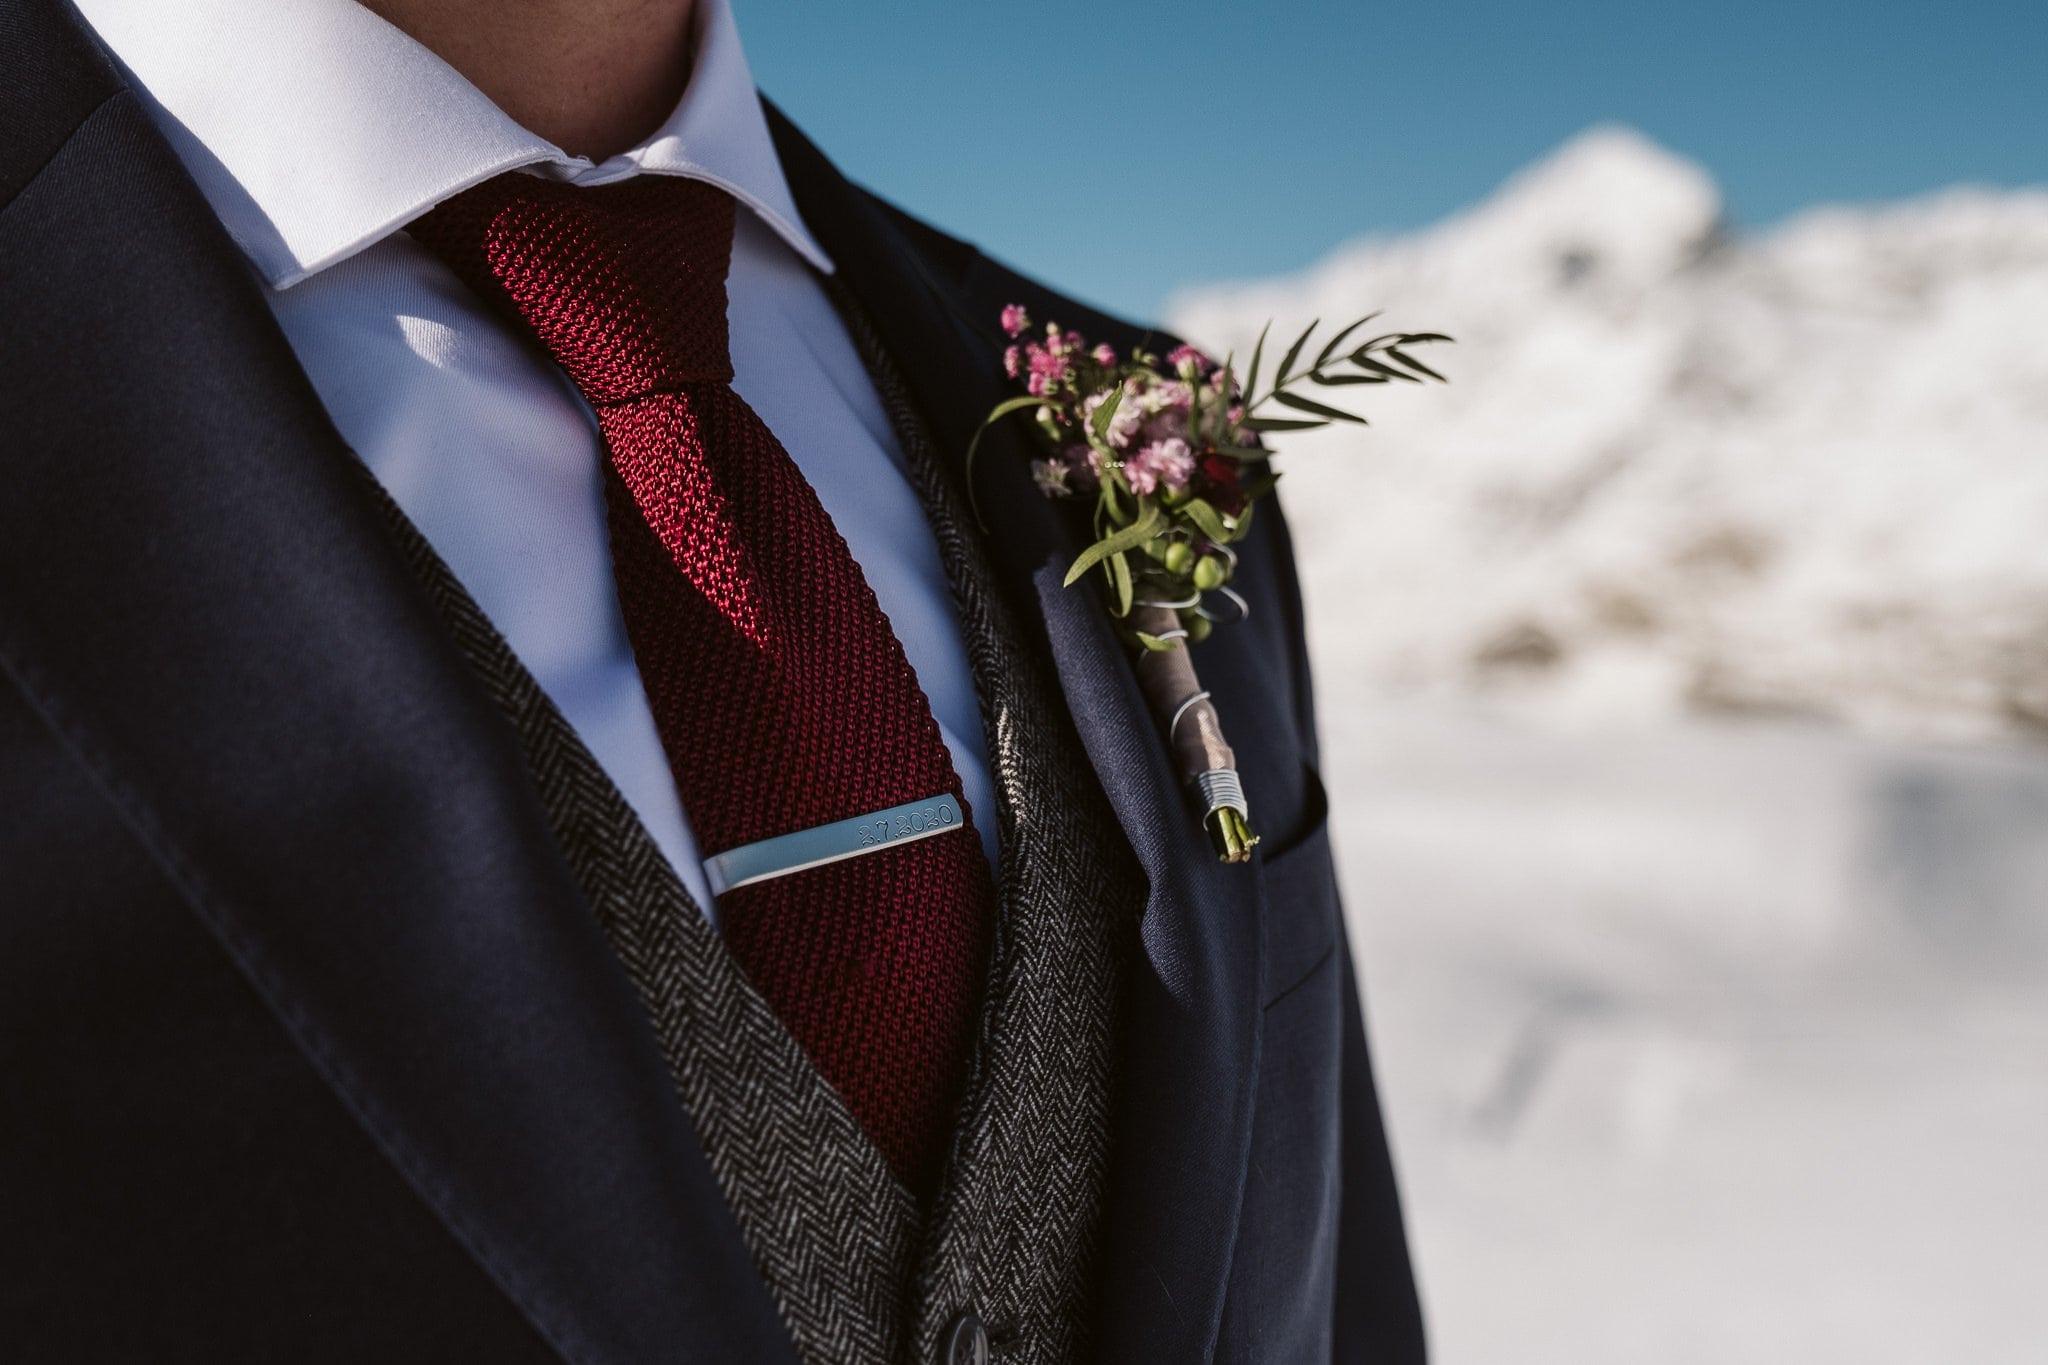 Groom wearing three-piece tweed suit in front of Matterhorn in Zermatt, Switzerland wedding photographer. Tie clip with wedding date engraved.